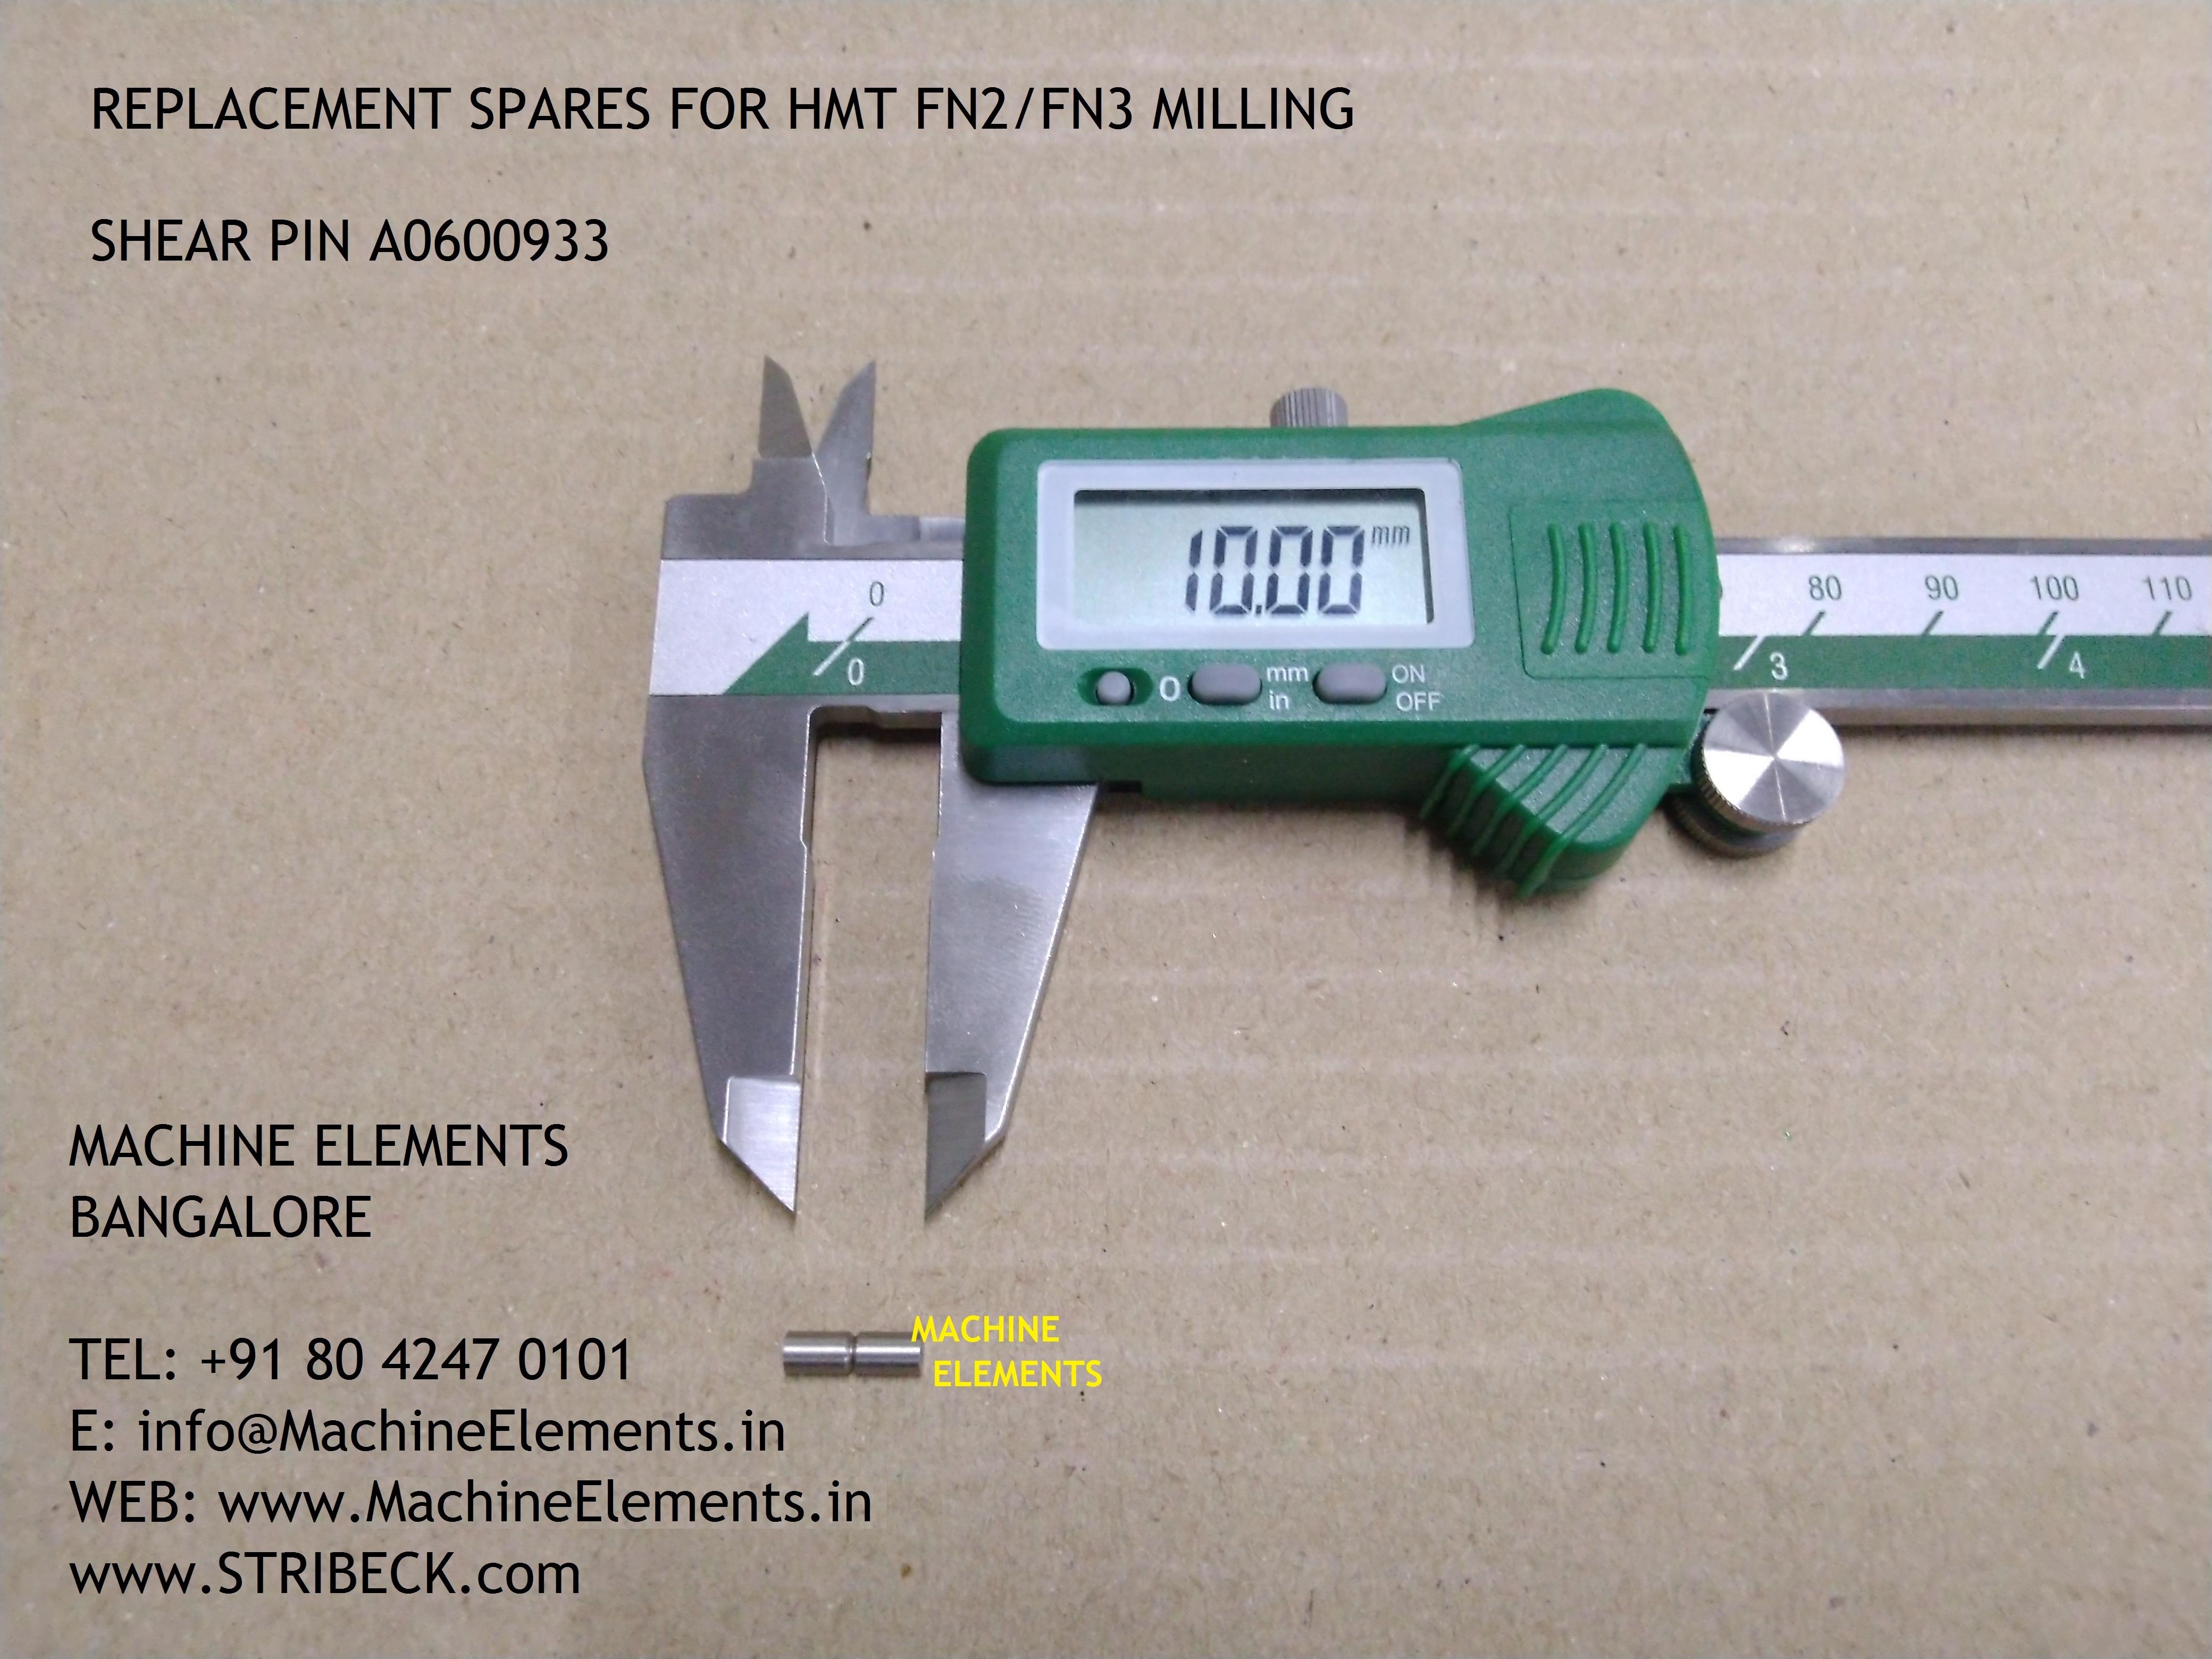 SHEAR PIN A0600933